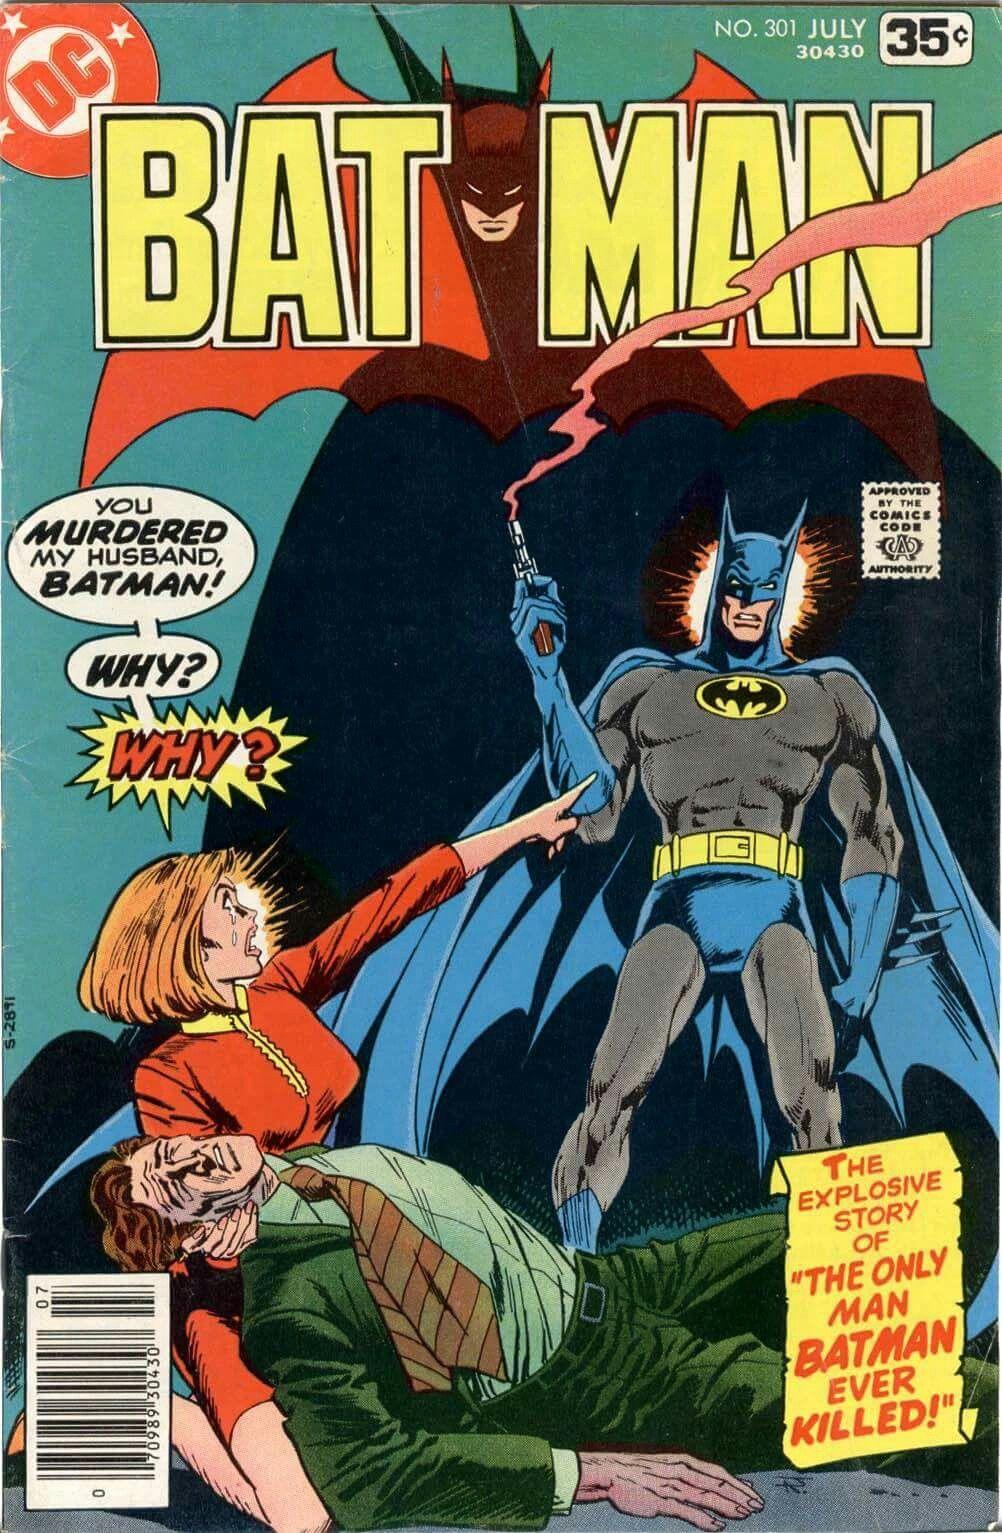 Detective Batman S Universe Comic Books Comics Dc Comics